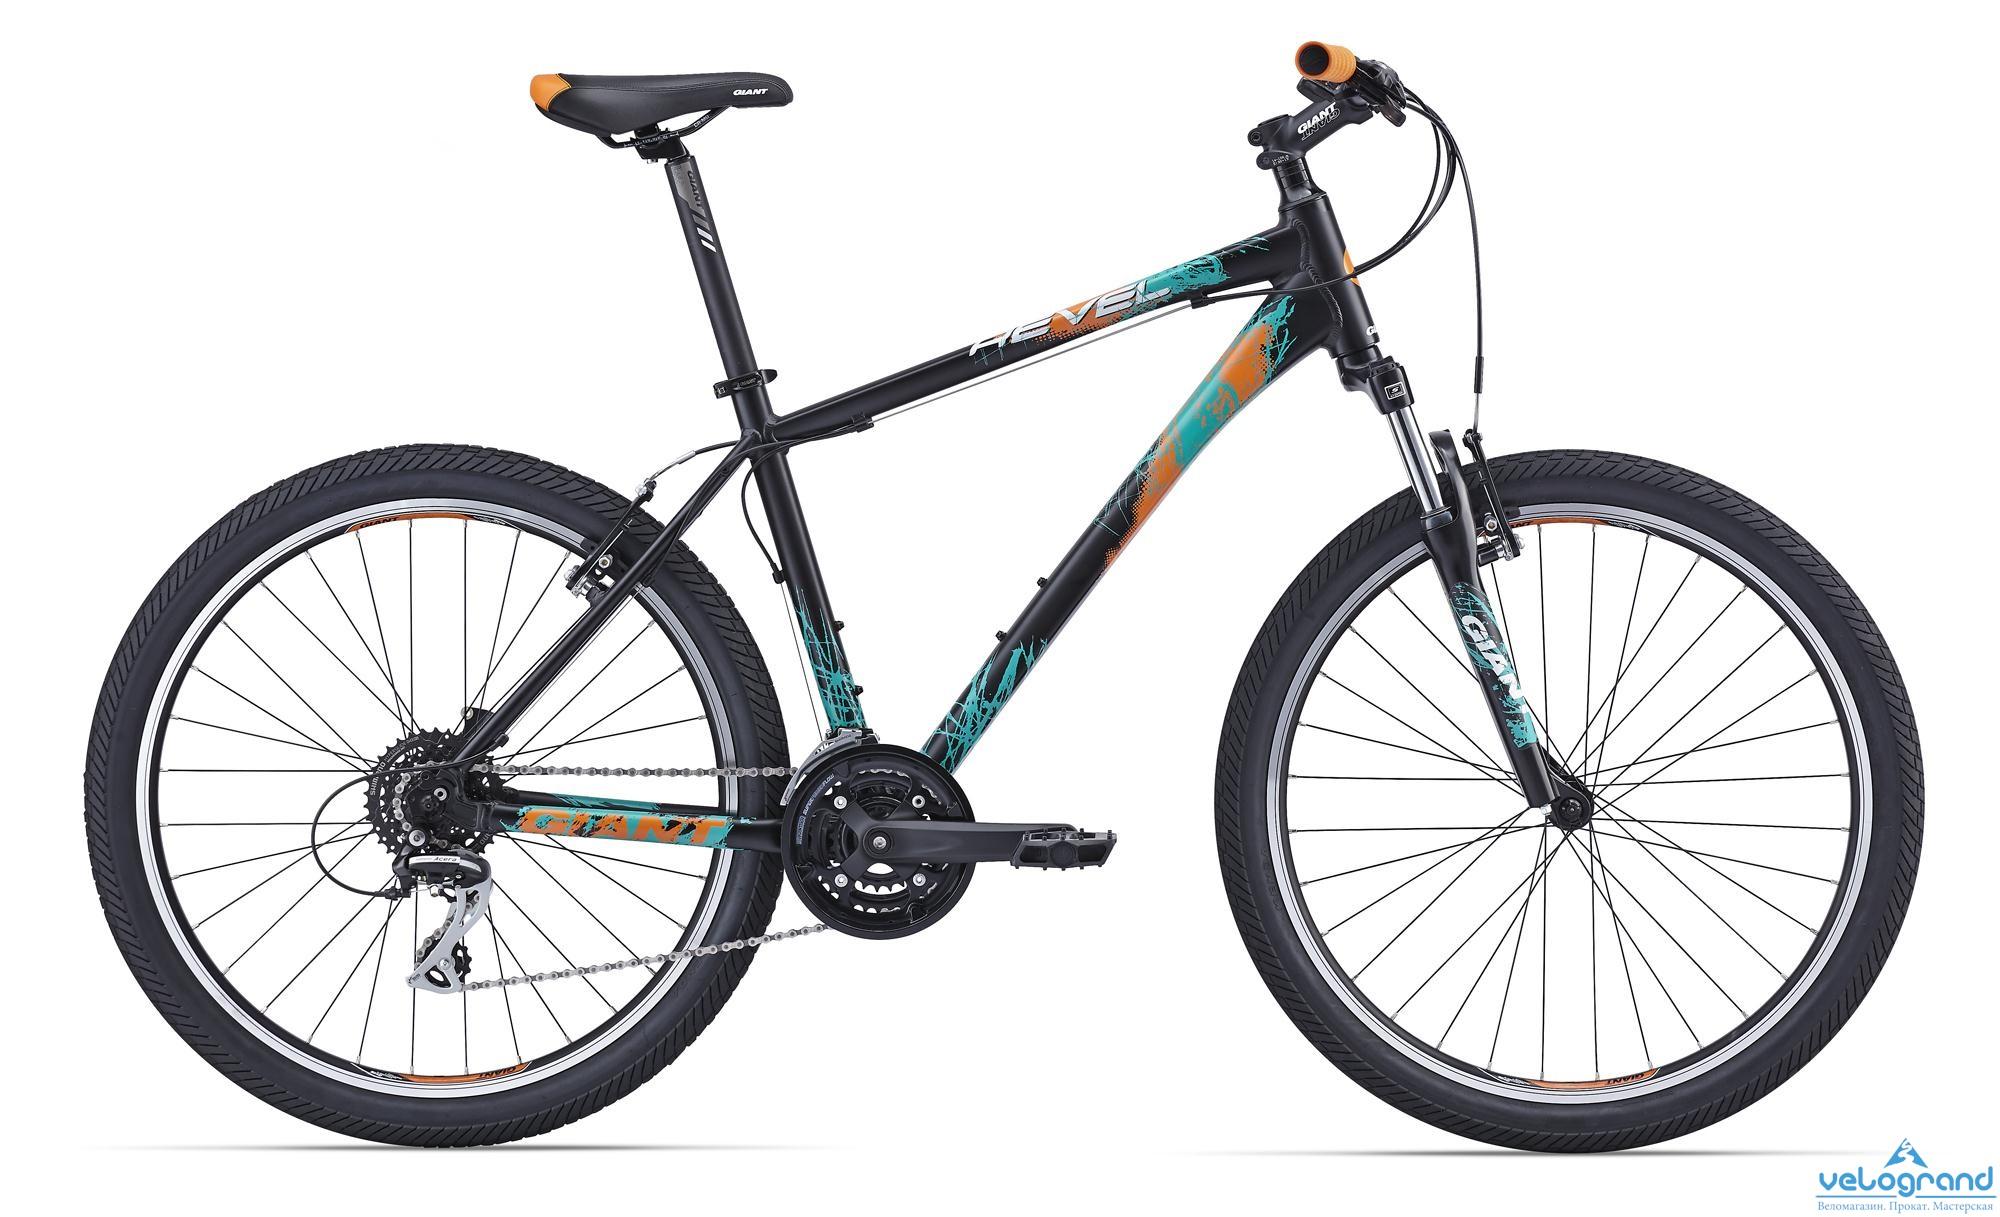 Горный велосипед Giant Revel 1 (2016)Рама<br><br><br>Размеры<br>XXS, XS, S, M, L<br><br><br>Цвета<br>Black<br><br><br>Рама<br>ALUXX-Grade Aluminum<br><br><br>Вилка<br>SR Suntour M3030 26, 75mm Travel, alloy monoque lower, coil w/ preload adjuster<br><br><br><br><br><br><br><br>Компоненты<br><br><br>Руль<br>Low Rise, 25.4mm<br><br><br>Вынос<br>Giant Sport Alloy, 15 degree rise<br><br><br>Подседельный Штырь<br>SP-214 Alloy, 30.9x350mm<br><br><br>Седло<br>Giant DJ<br><br><br>Педали<br>One-piece PP, 9/16<br><br><br><br><br><br><br><br>Трансмиссия<br><br><br>Манетки<br>Shimano EF51, 3x8 Speed<br><br><br>Передний Переключатель<br>Shimano FD-M190<br><br><br>Задний Переключатель<br>Shimano RD-M360 Acera<br><br><br>Тормоза<br>Alloy linear pull<br><br><br>Тормозные Ручки<br>Shimano EF51<br><br><br>Кассета<br>Shimano HG31 11-34, 8 Speed<br><br><br>Цепь<br>KMC Z8<br><br><br>Система<br>SR Suntour NEX, 24/34/42<br><br><br>Каретка<br>Cartridge BB<br><br><br><br><br><br><br><br>Колеса<br><br><br>Обода<br>Giant GX02 26 6061 Aluminum, Double Wall w/ CNC brake surface<br><br><br>Втулки<br>Joytech [F] 751DSE [R] 801DSE, alloy hub, double-sealed, loose ball bearing, 32H<br><br><br>Спицы<br>Stainless 14G<br><br><br>Покрышки<br>Kenda K1052 26x2.1 30TPI<br><br><br><br><br>Еще один прекрасный вариант от марки Giant - модель Revel 1. Прекрасный вариант для любителей активного отдыха. Скорость этой модели дает отличная алюминиевая рама и колеса непосредственно от производства Giant c резиной Kenda и двойными ободами. Велосипед оборудован классическими ободными тормозами. Надежное переключение скоростей обеспечивает переключатель на 24 скорости Shimano Acera, что в комплекте с амортизационной вилкой SR Suntour M3030, дает владельцу этого велосипеда возможность в полной мере получить удовольствие от катания. Не зря эта модель весьма популярна у любителей велосипедных походов.<br><br>Модельный год: 2016<br>Производитель: Giant<br>Материал рамы: Алюминий<br>Диаметр колес: 29 дюймов<br>Количество 